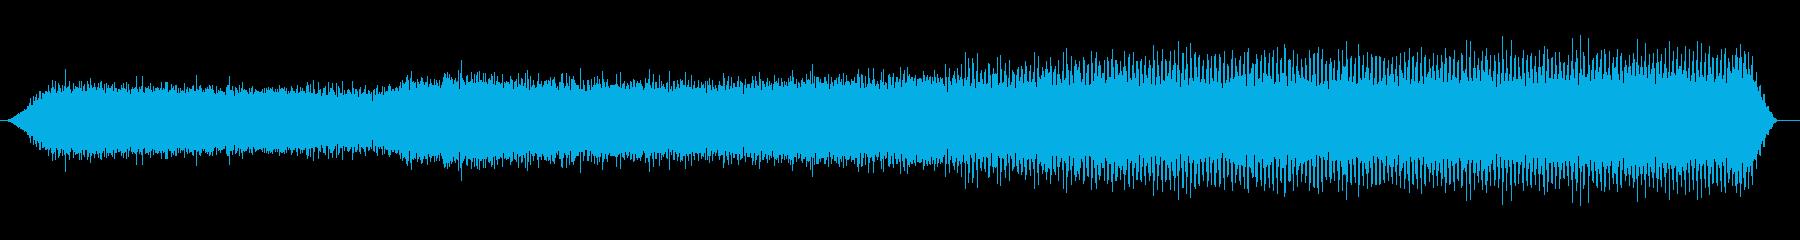 夏の山の環境音(夕方、セミ)の再生済みの波形